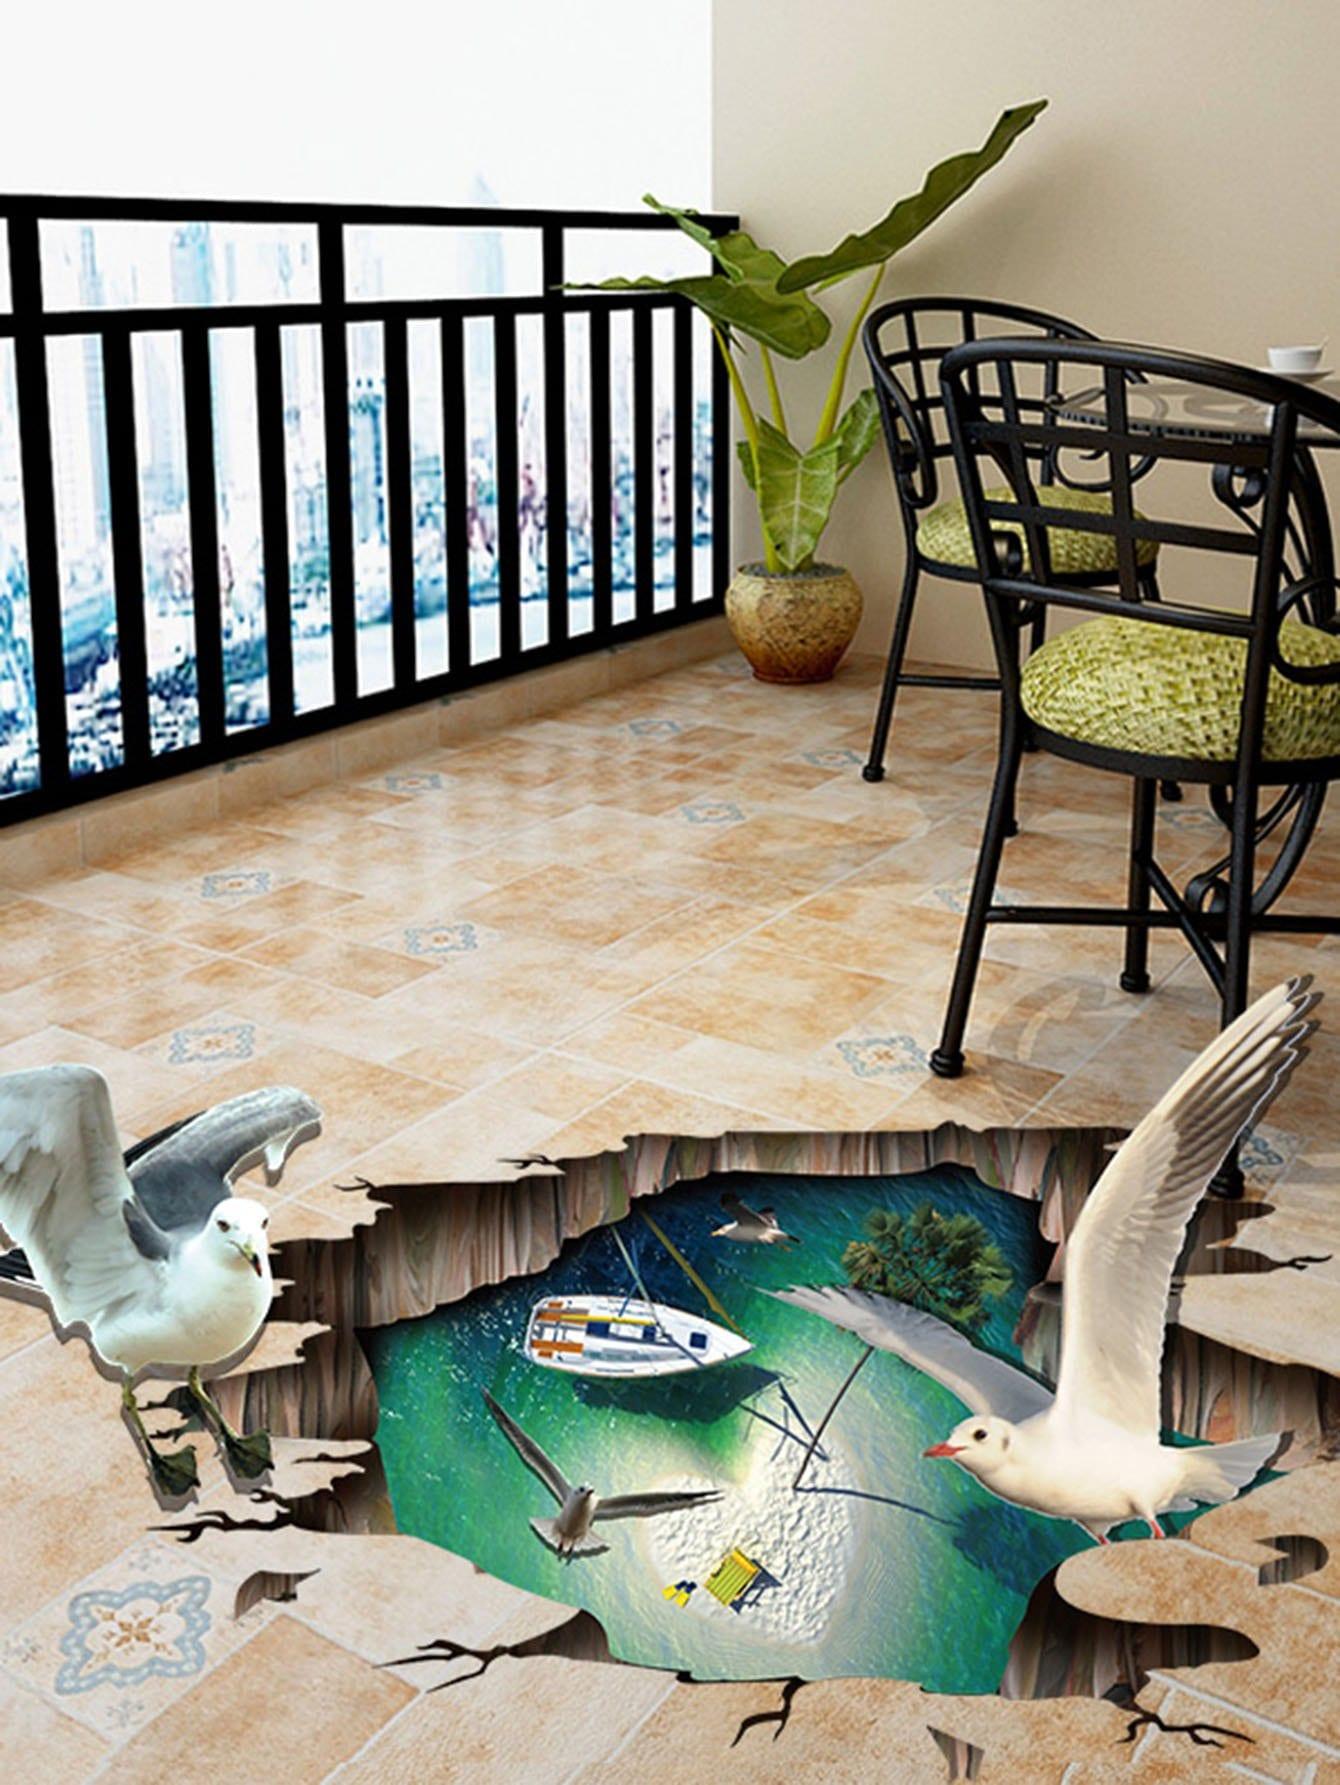 3D Floor Sticker beibehang custom large floor sticker